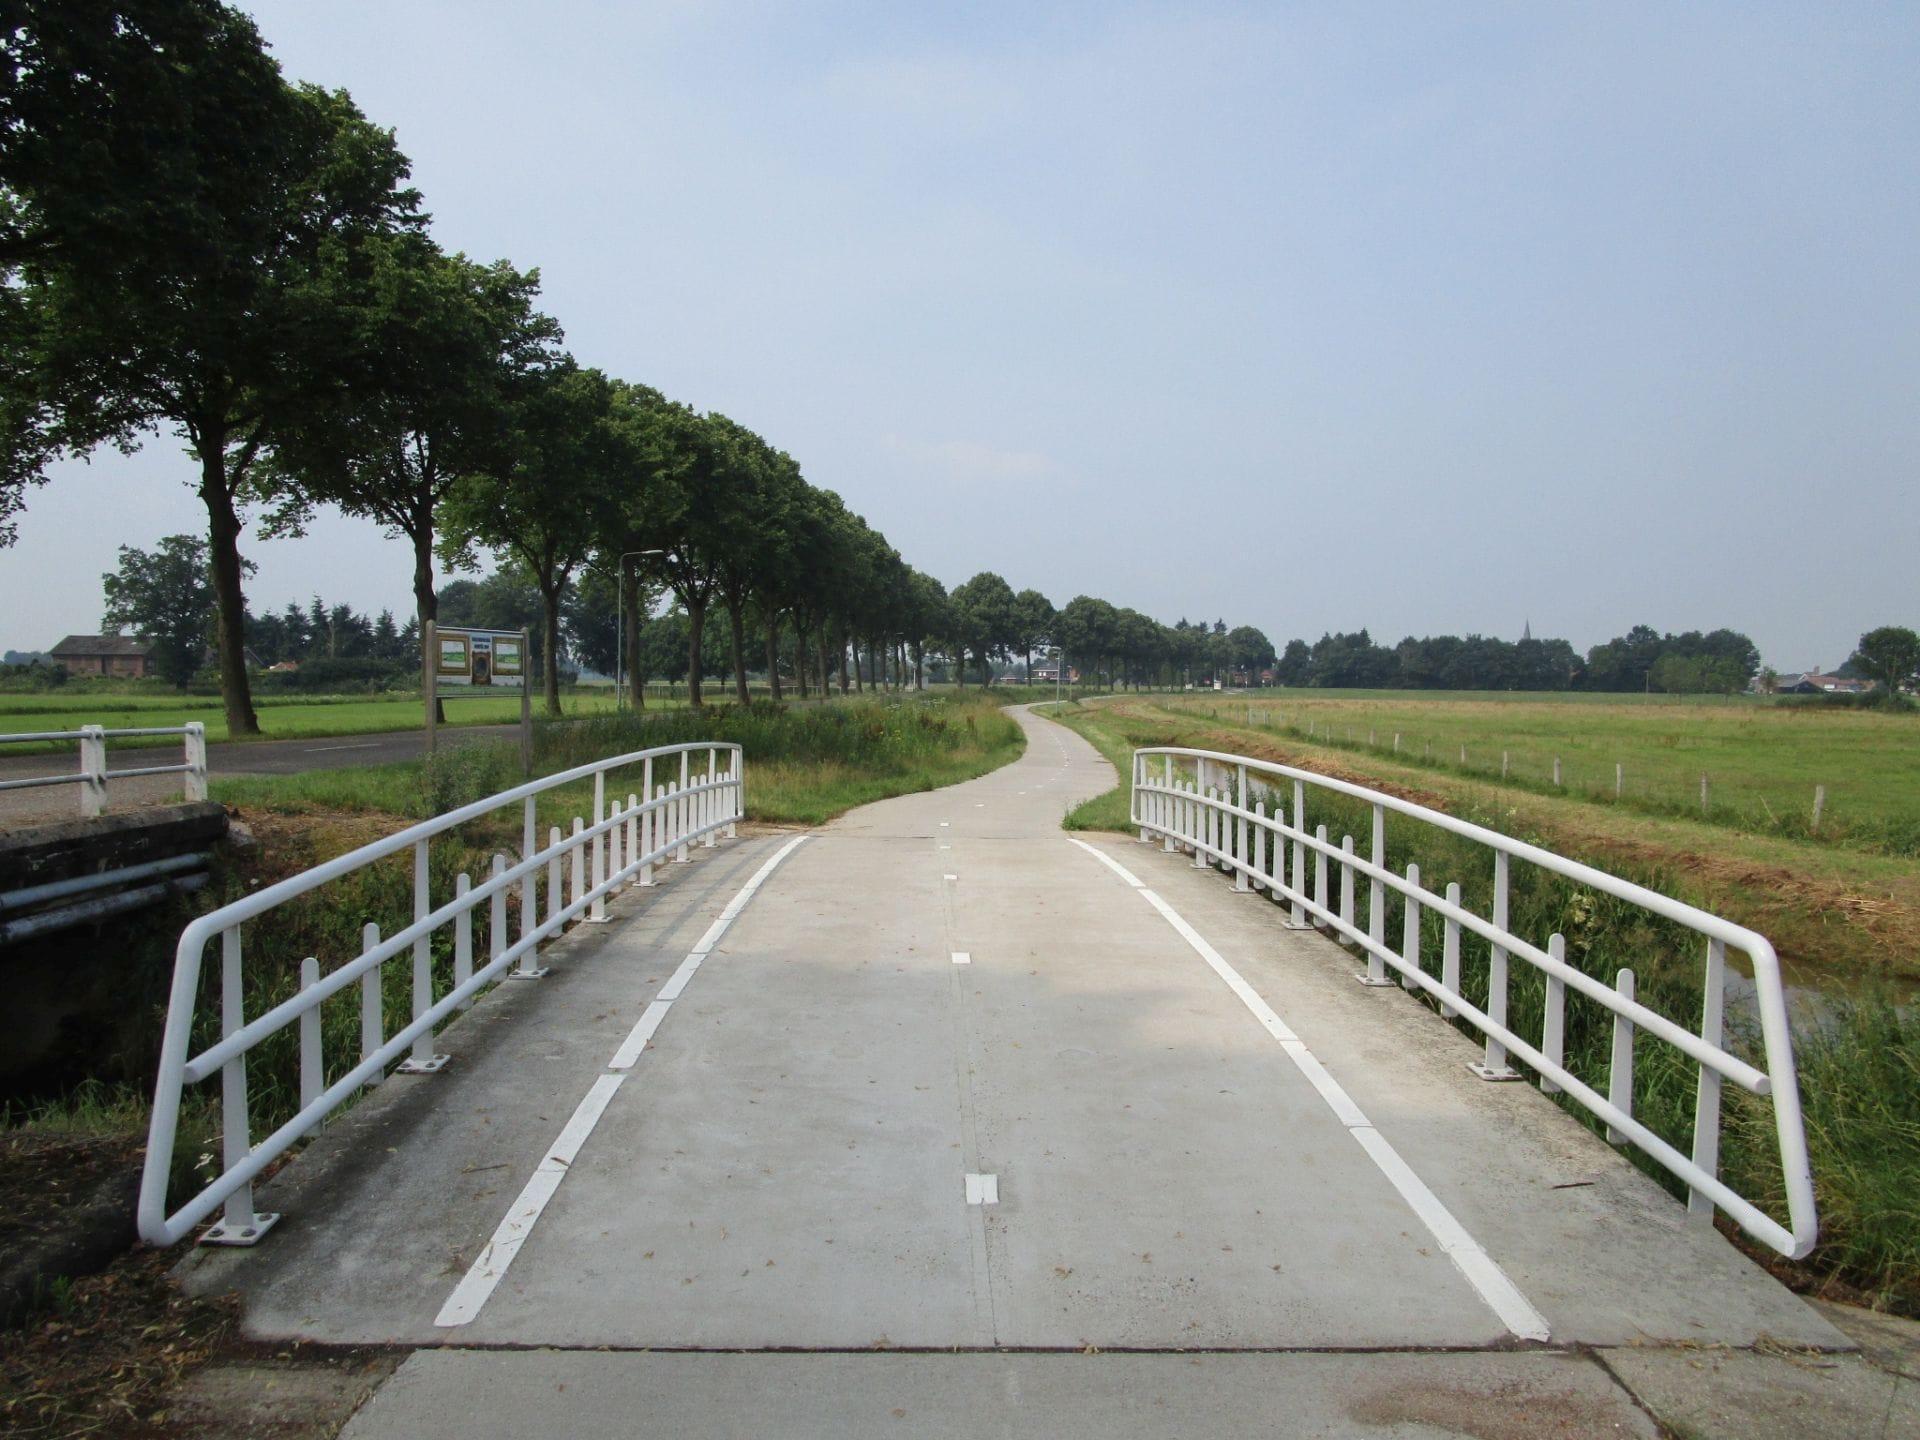 AVG Infra Nederland legt wegen aan. Van grote landelijke wegenbouw projecten en infrawerken tot en met kleine projecten, AVG heeft een zeer ruime ervaring in grond-, weg- en waterbouw.